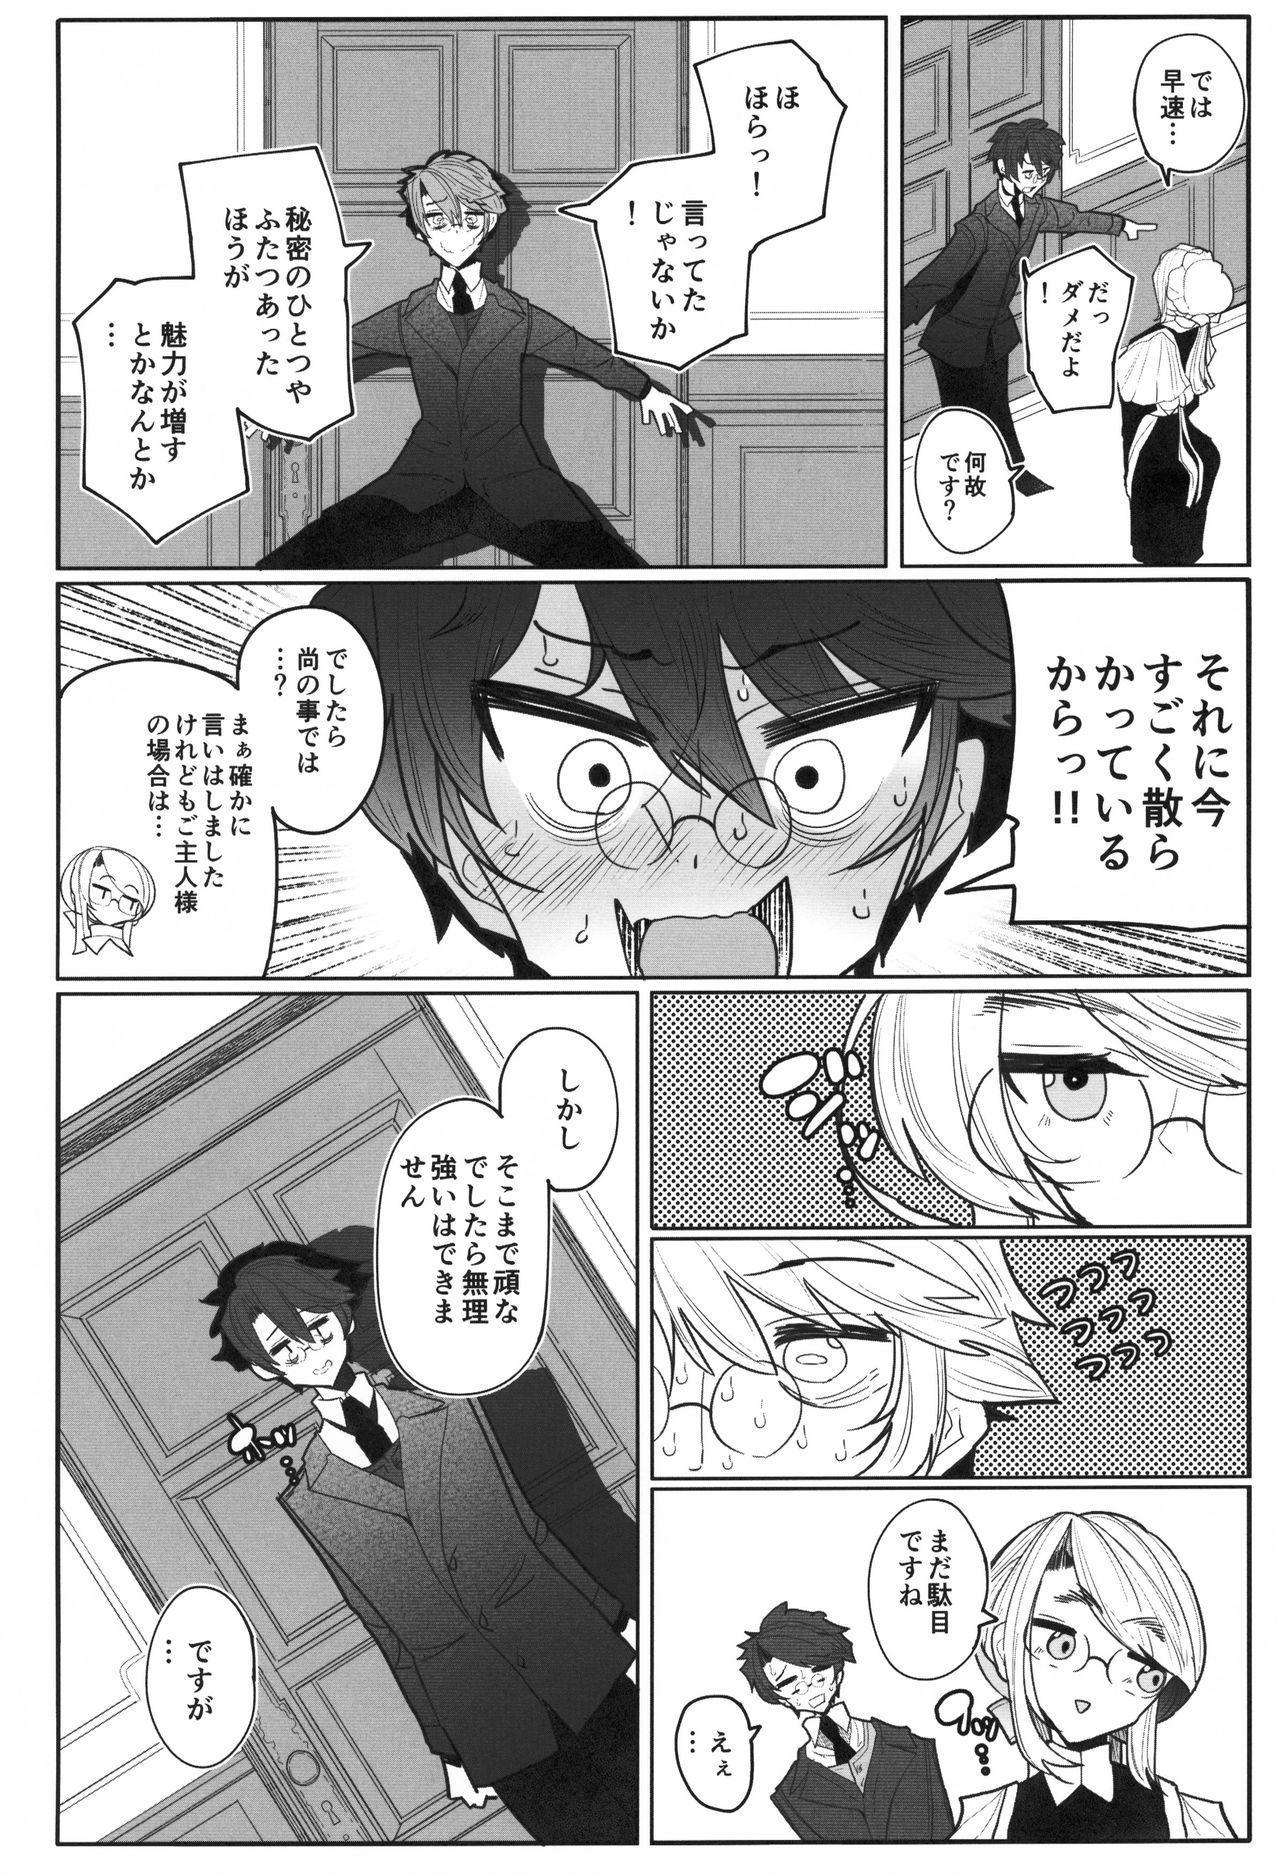 Shinshi Tsuki Maid no Sophie-san 3 8